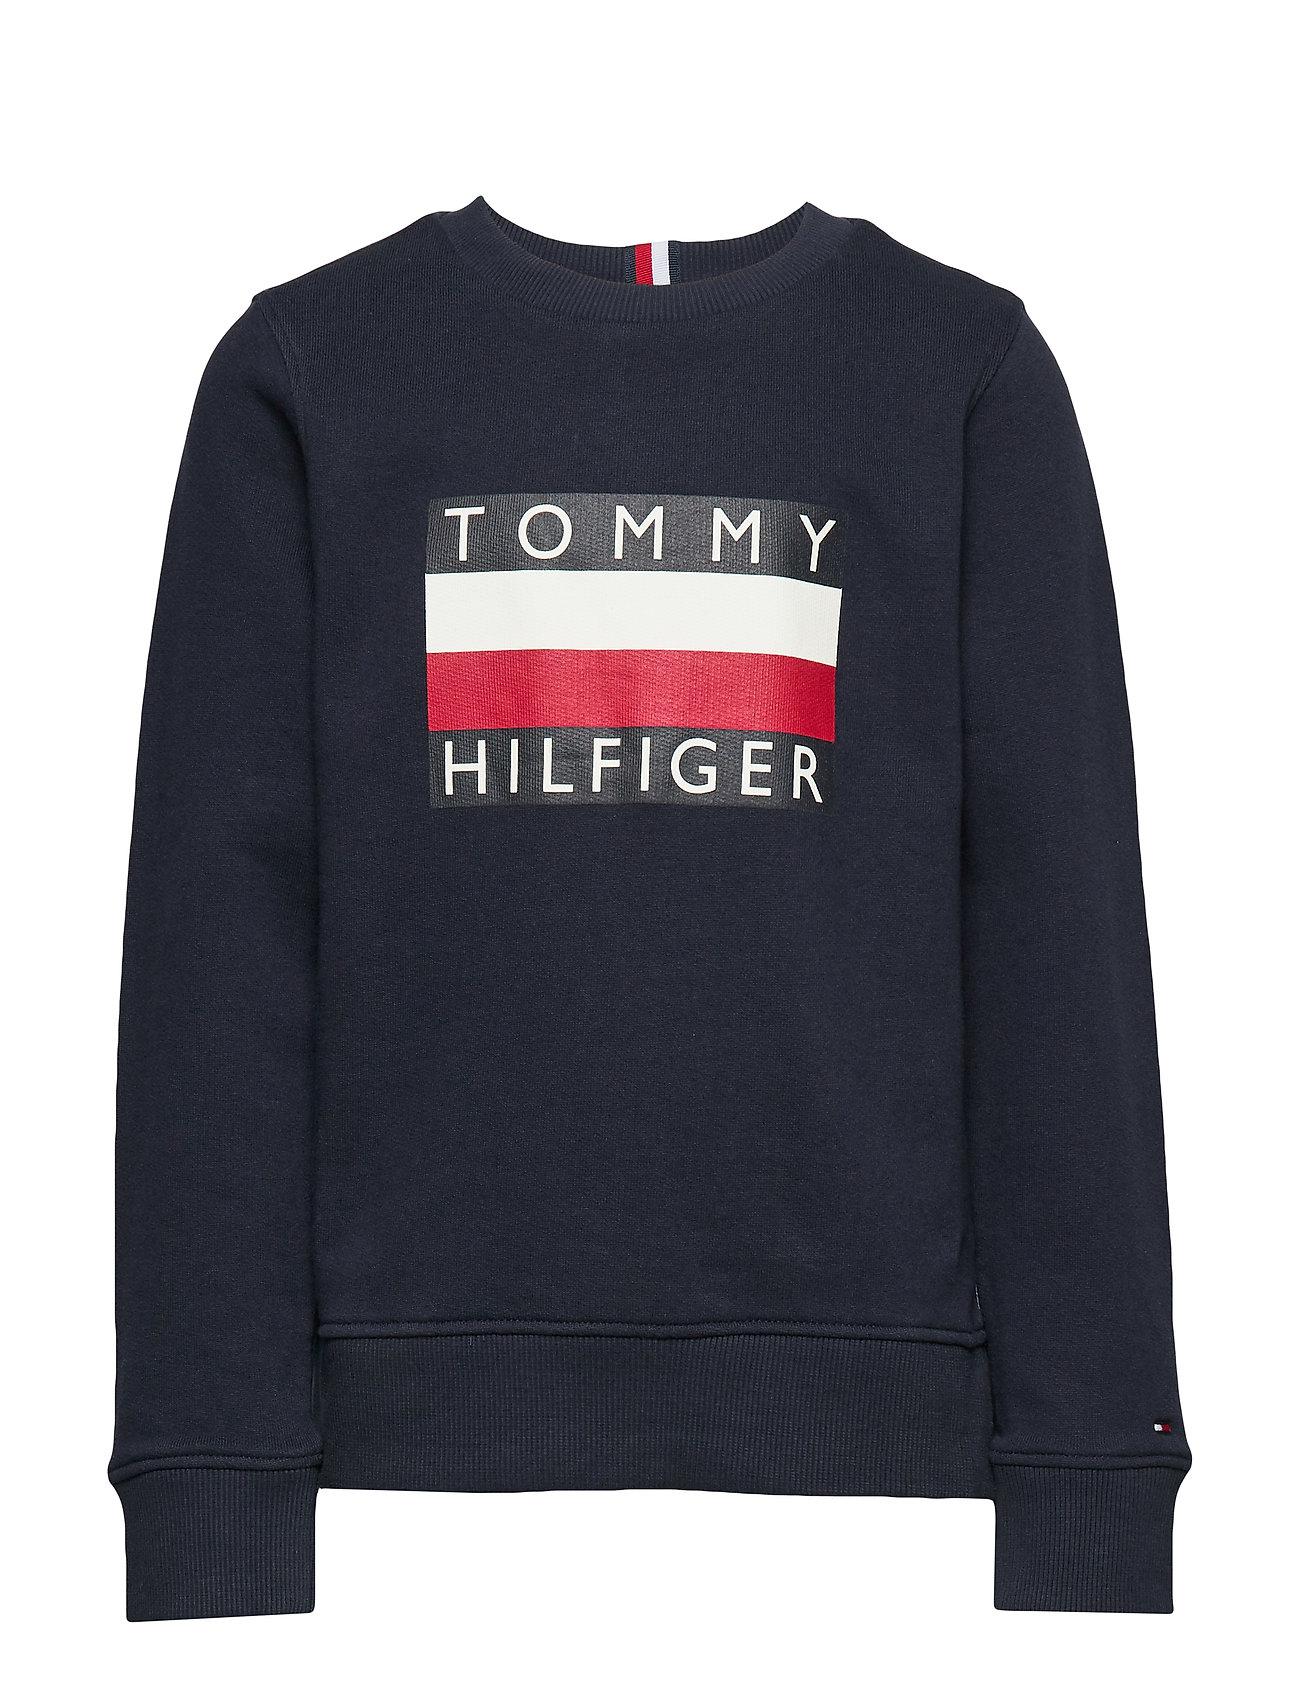 Tommy Hilfiger ESSENTIAL HILFIGER SWEATSHIRT - BLACK IRIS